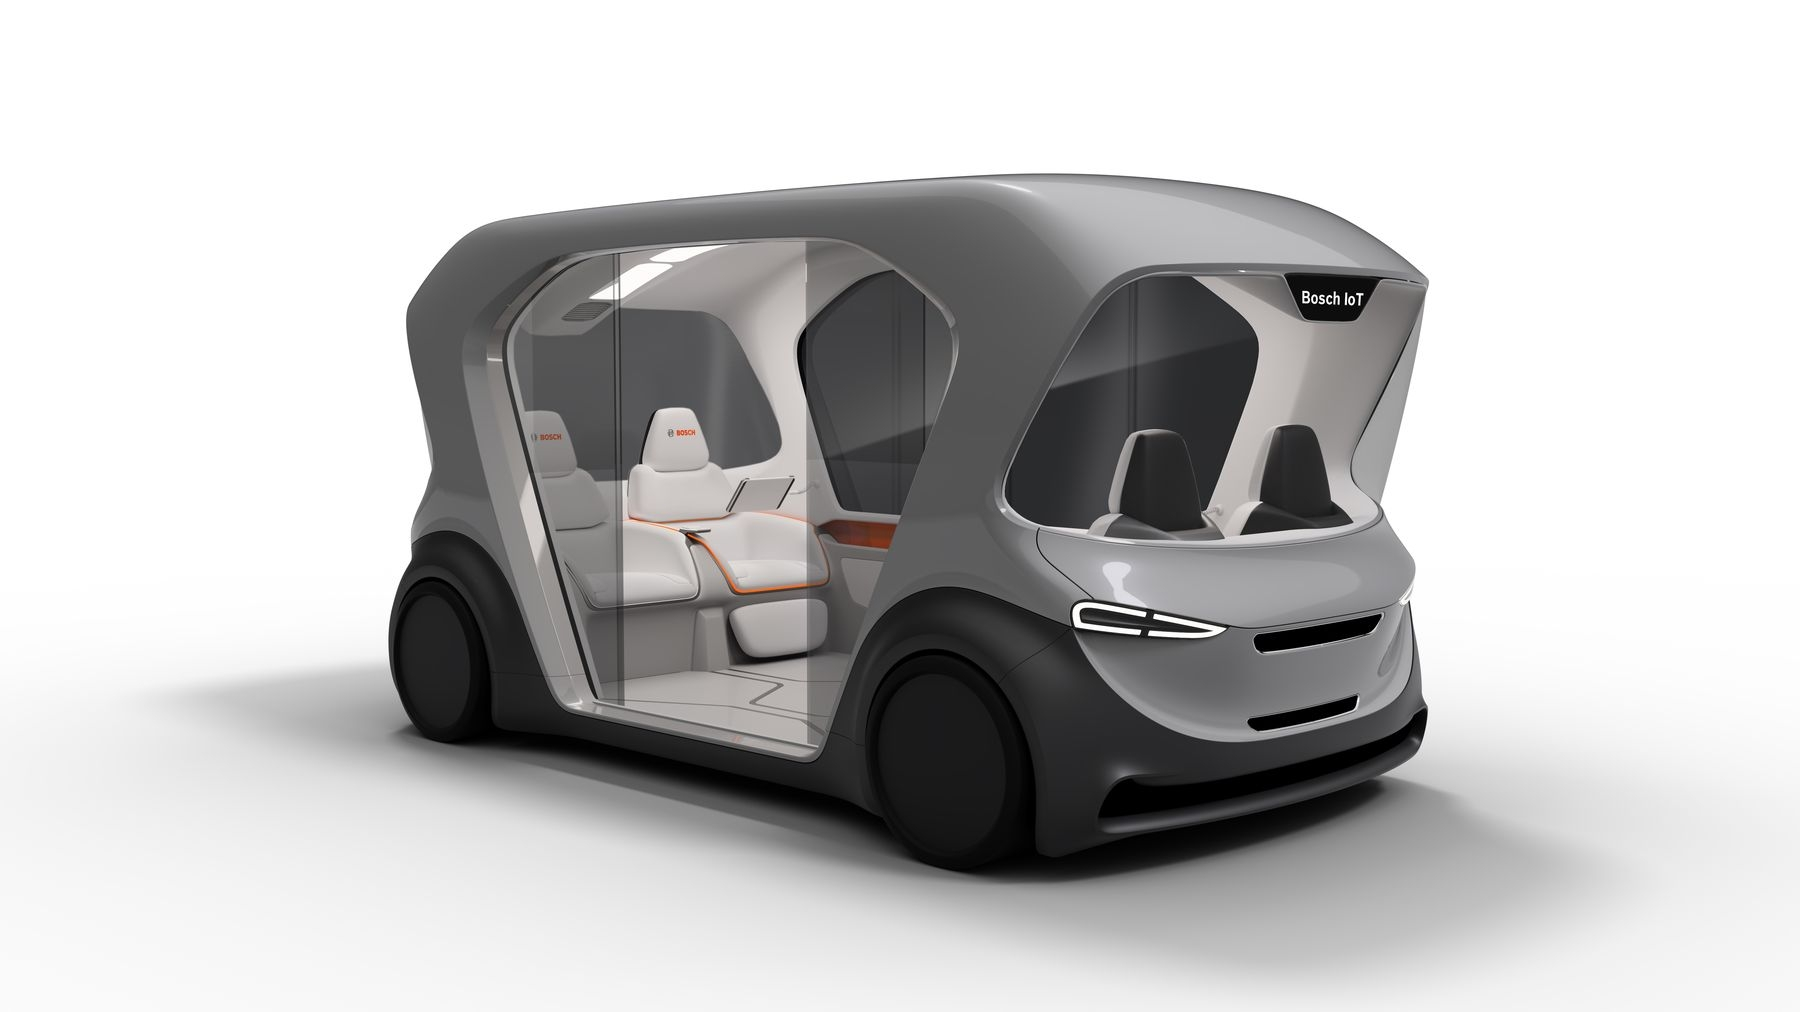 Bosch_Shuttle_AutoRok_2019_13